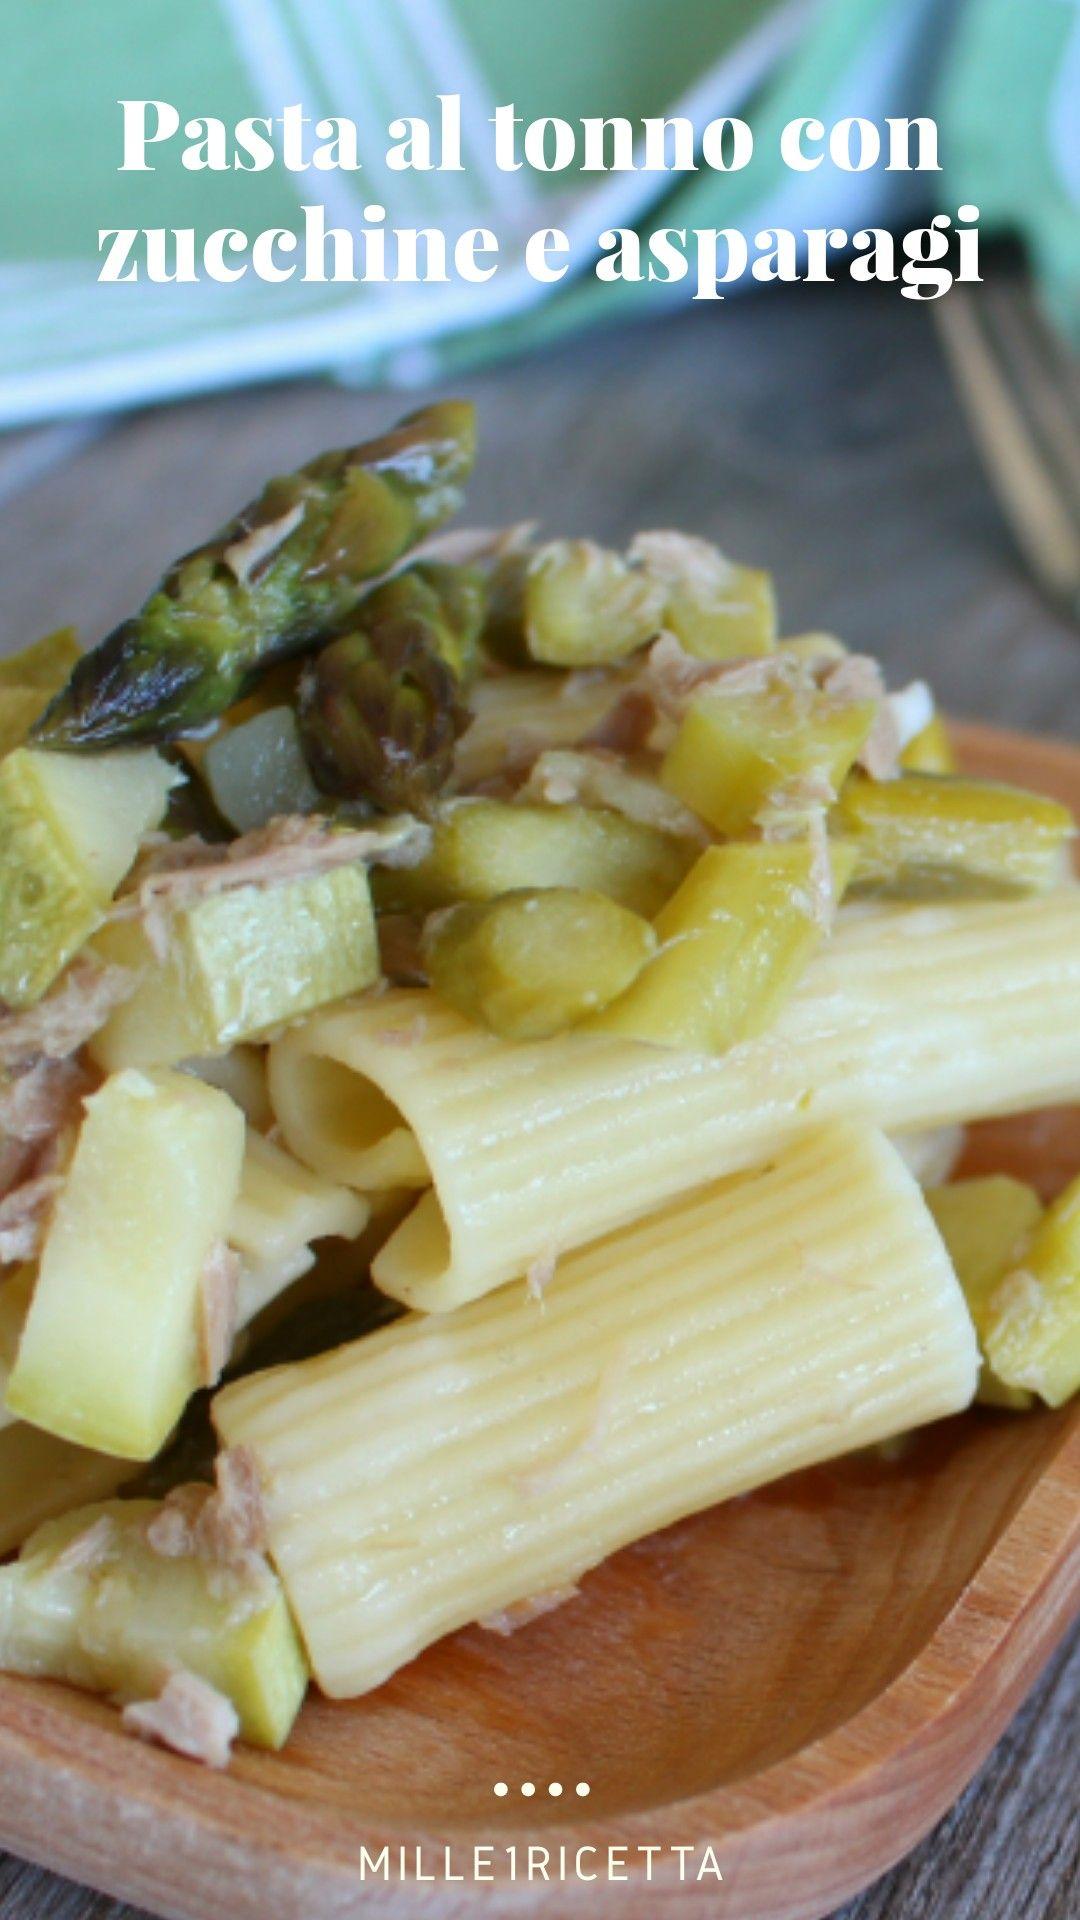 Pasta al tonno con zucchine e asparagi | primi piatti dalla cucina ...